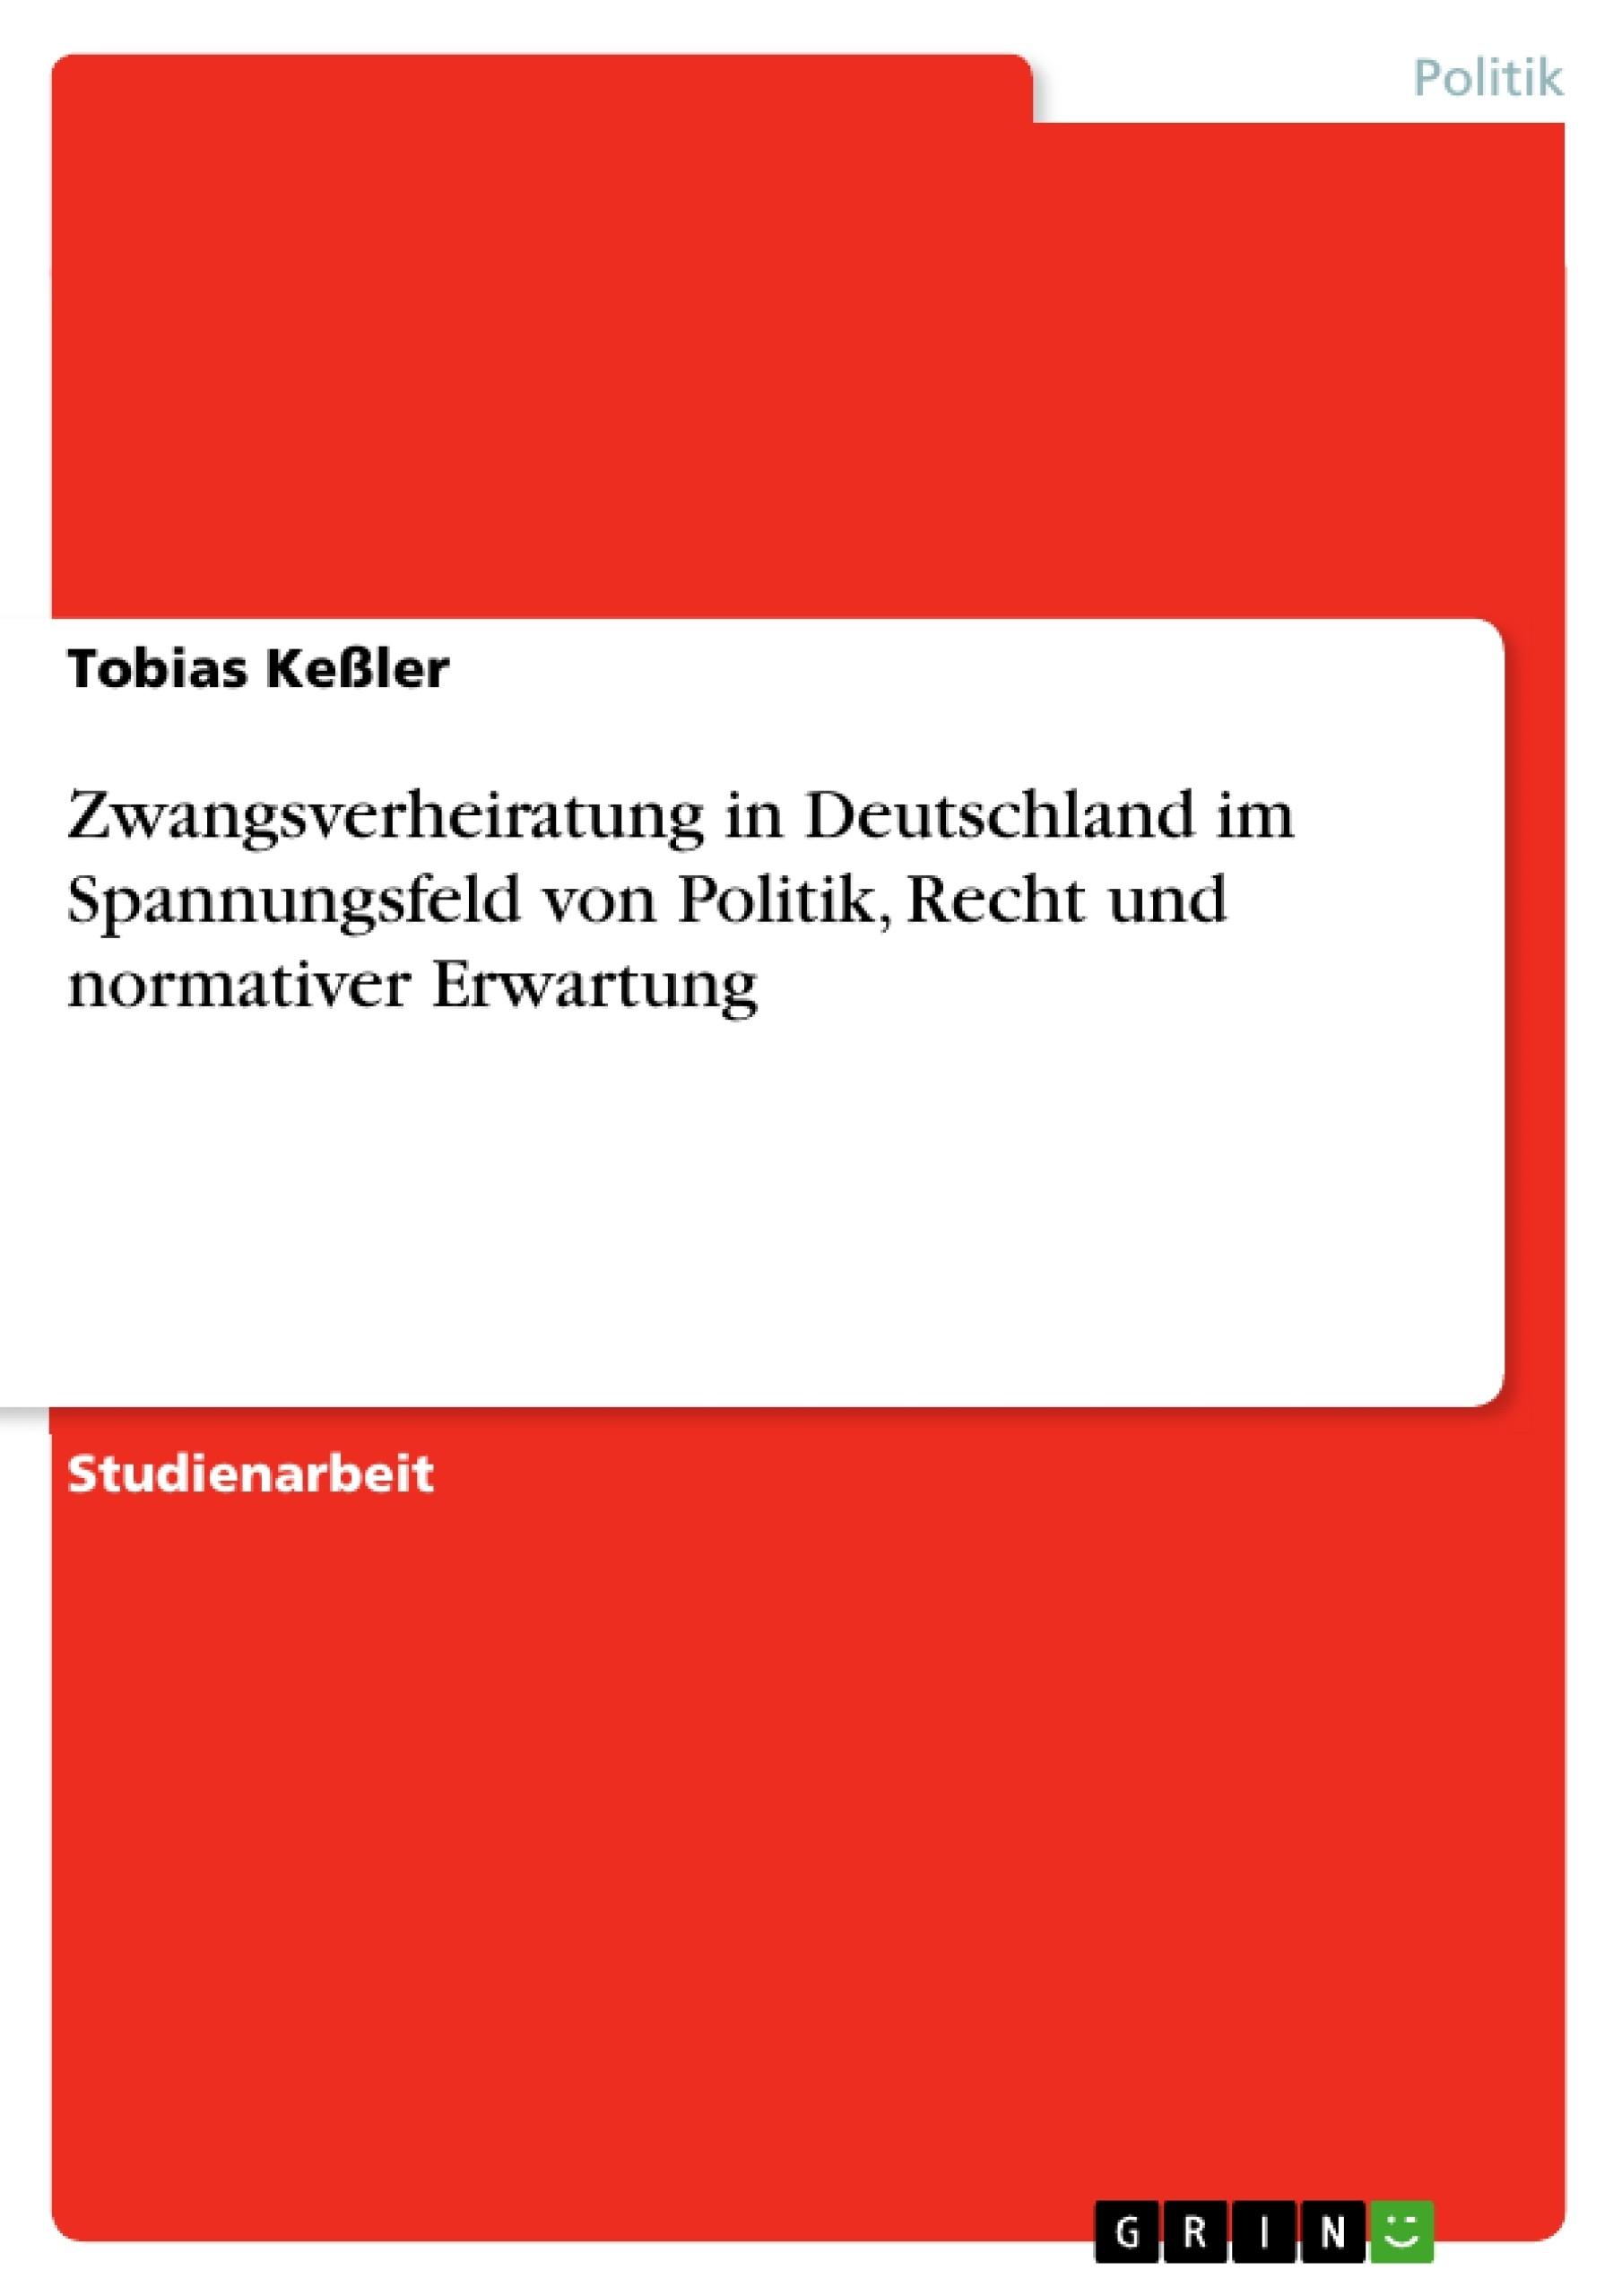 Titel: Zwangsverheiratung in Deutschland im Spannungsfeld von Politik, Recht und normativer Erwartung